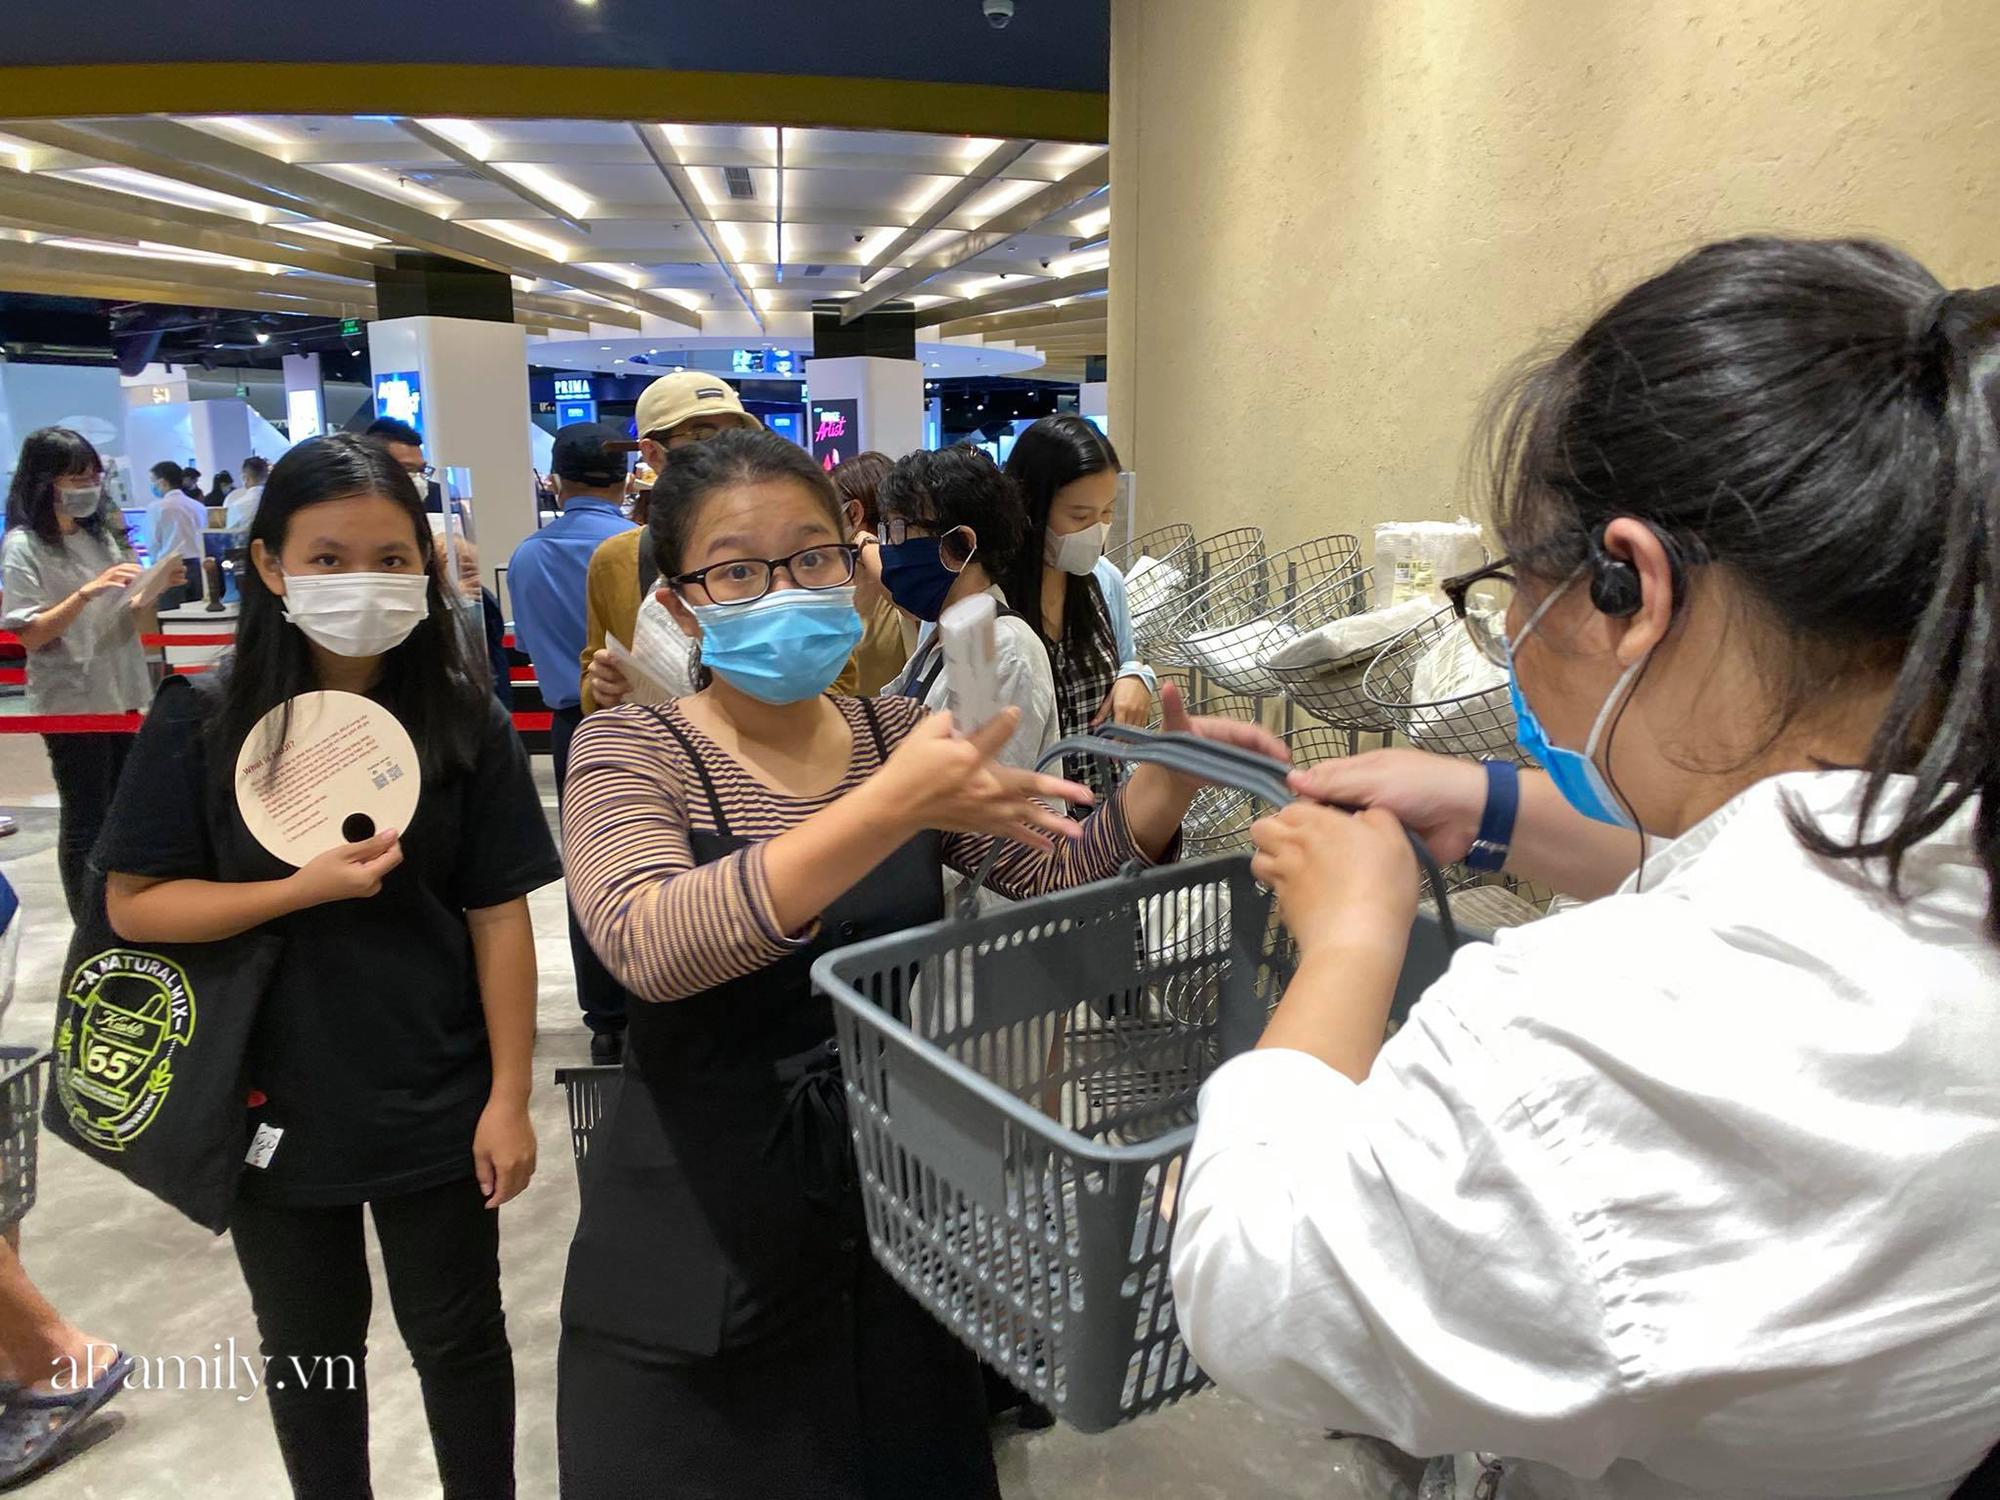 Ngày đón khách đầu tiên của MUJI tại Sài Gòn, không truyền thông rầm rộ nhưng dòng người xếp hàng dài cách nhau 2m vẫn nối đuôi như vô tận -8